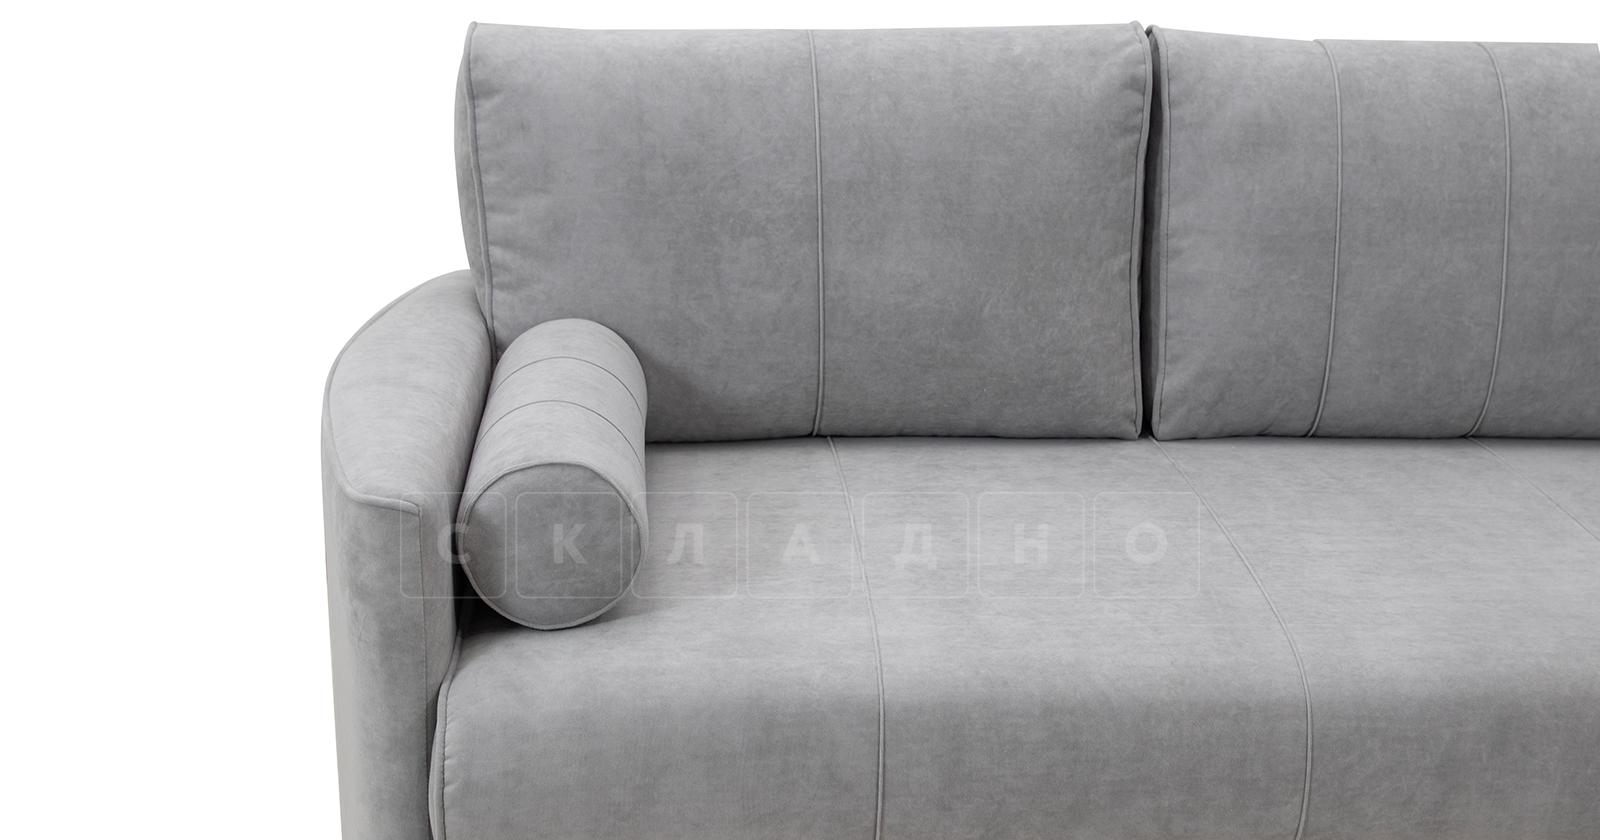 Угловой диван Лорен серебристый серый фото 14 | интернет-магазин Складно